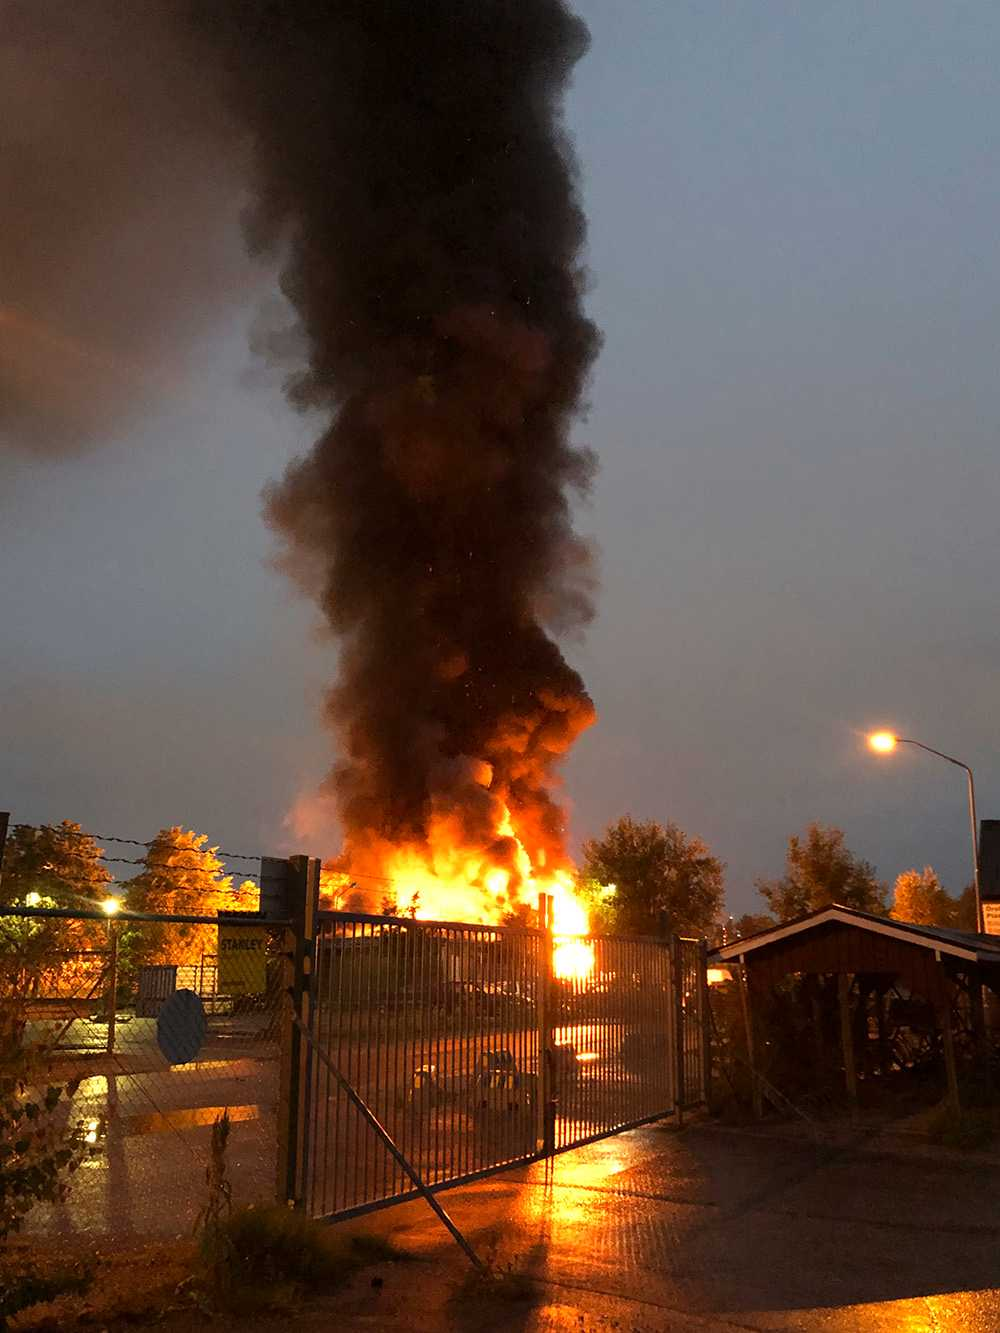 Kraftig brand och rökutveckling efter explosionen i Örebro.